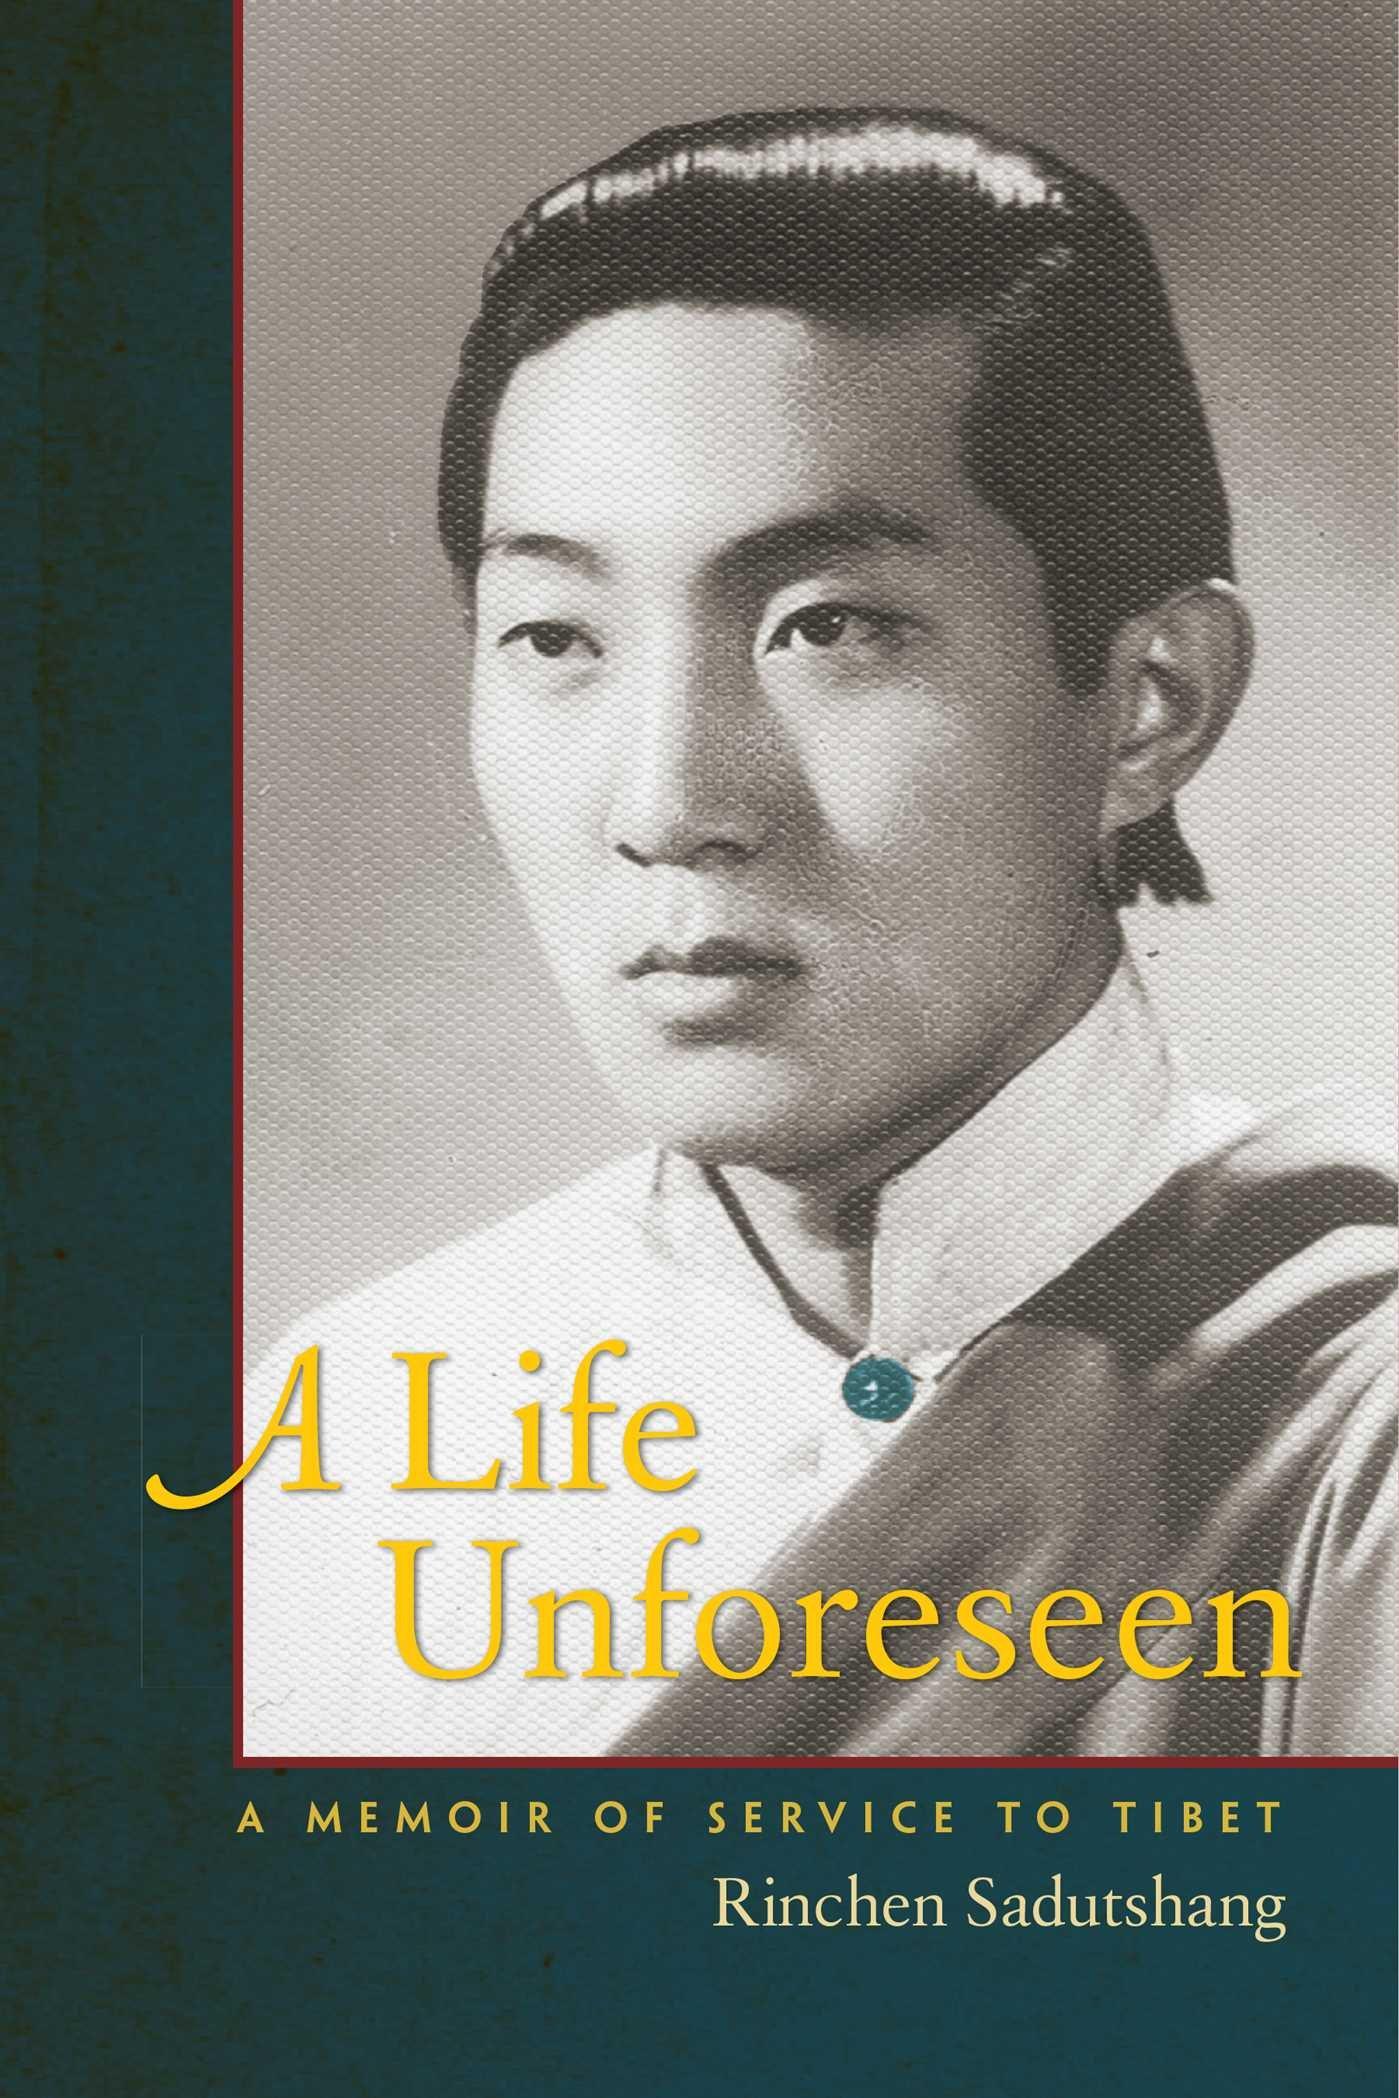 A Life Unforeseen: A Memoir of Service to Tibet